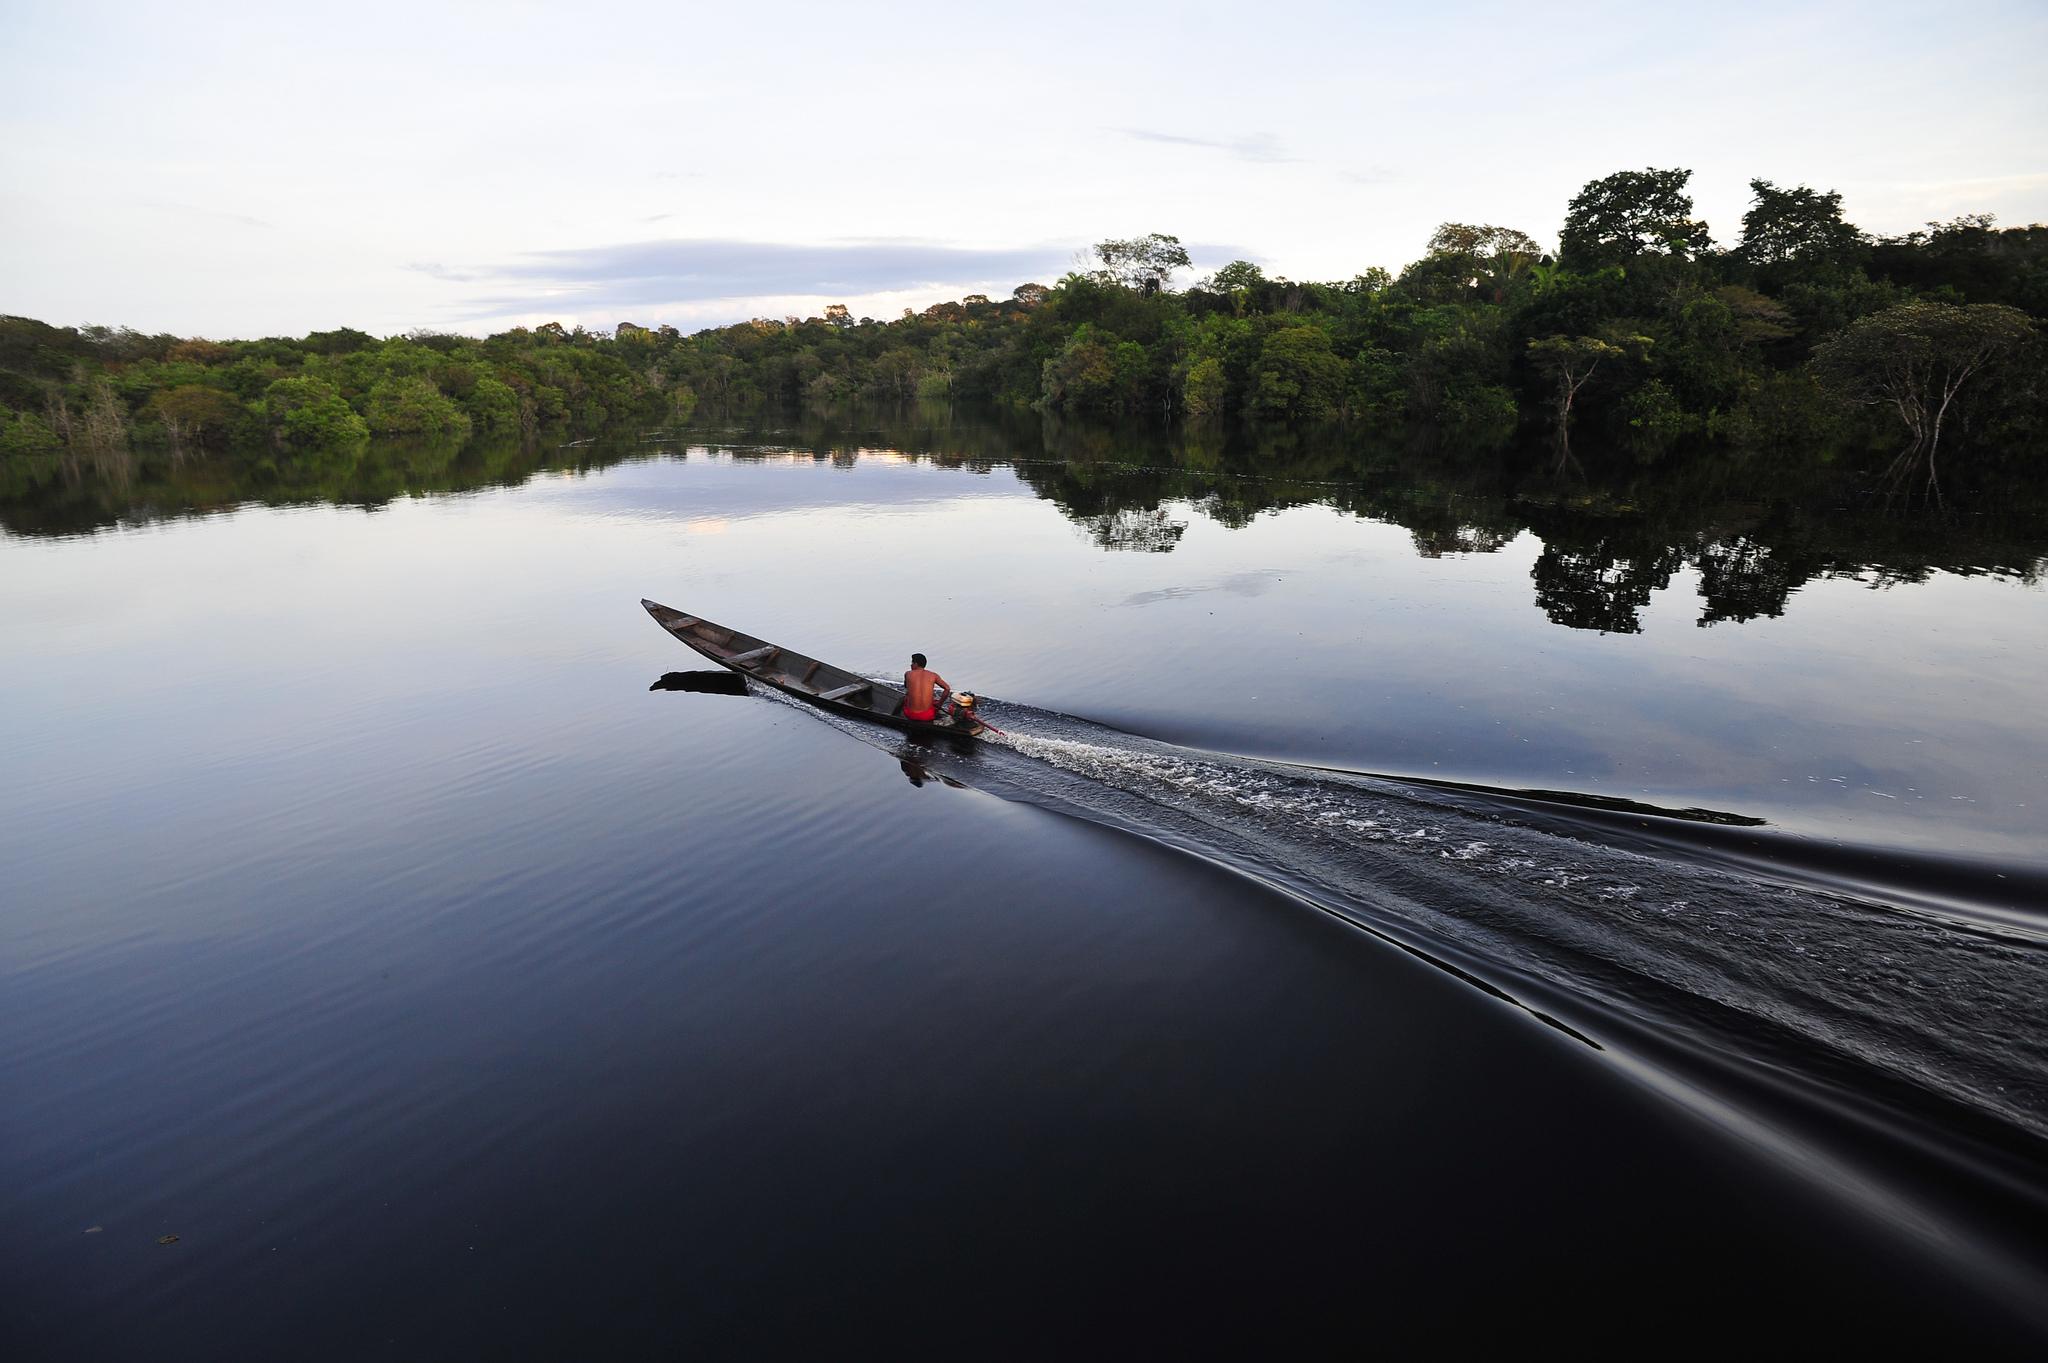 derechos-a-la-tierra-comunidades-pueblos-indigenas-bosques-millones-dolares-america-latina-